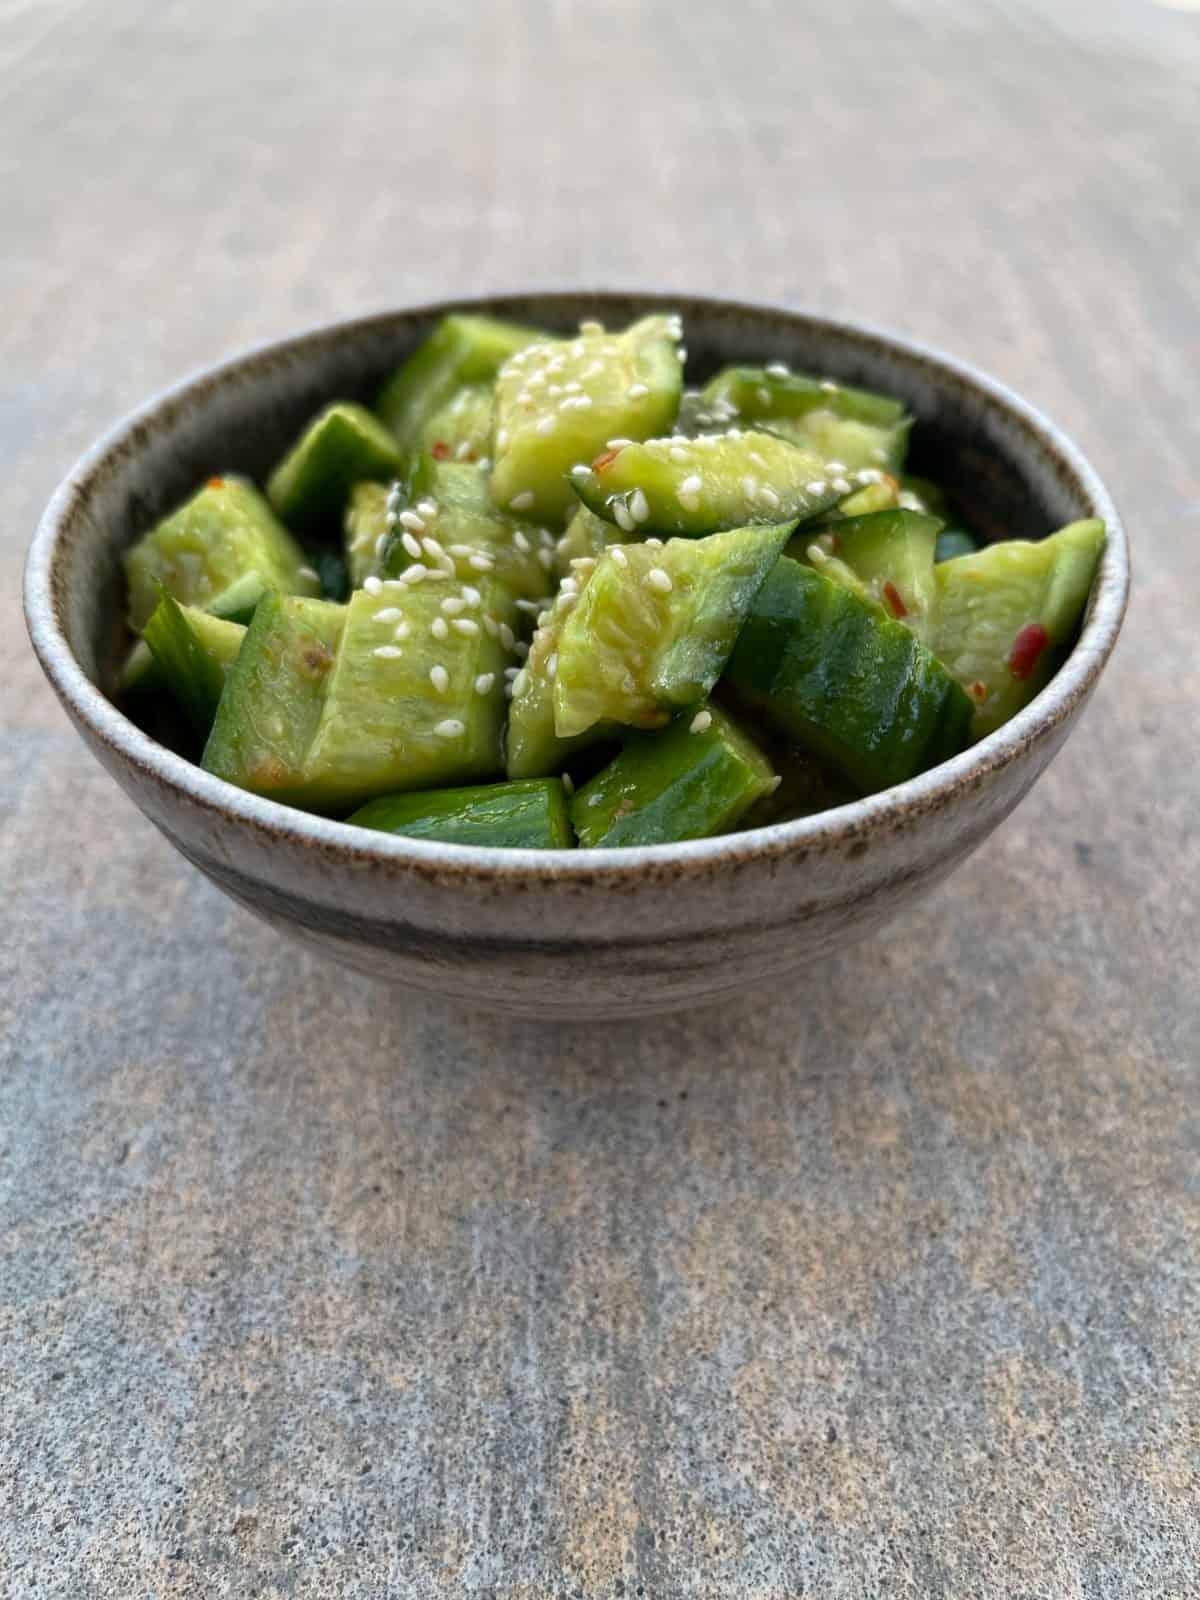 Spicy sesame cucumber salad in ceramic bowl.